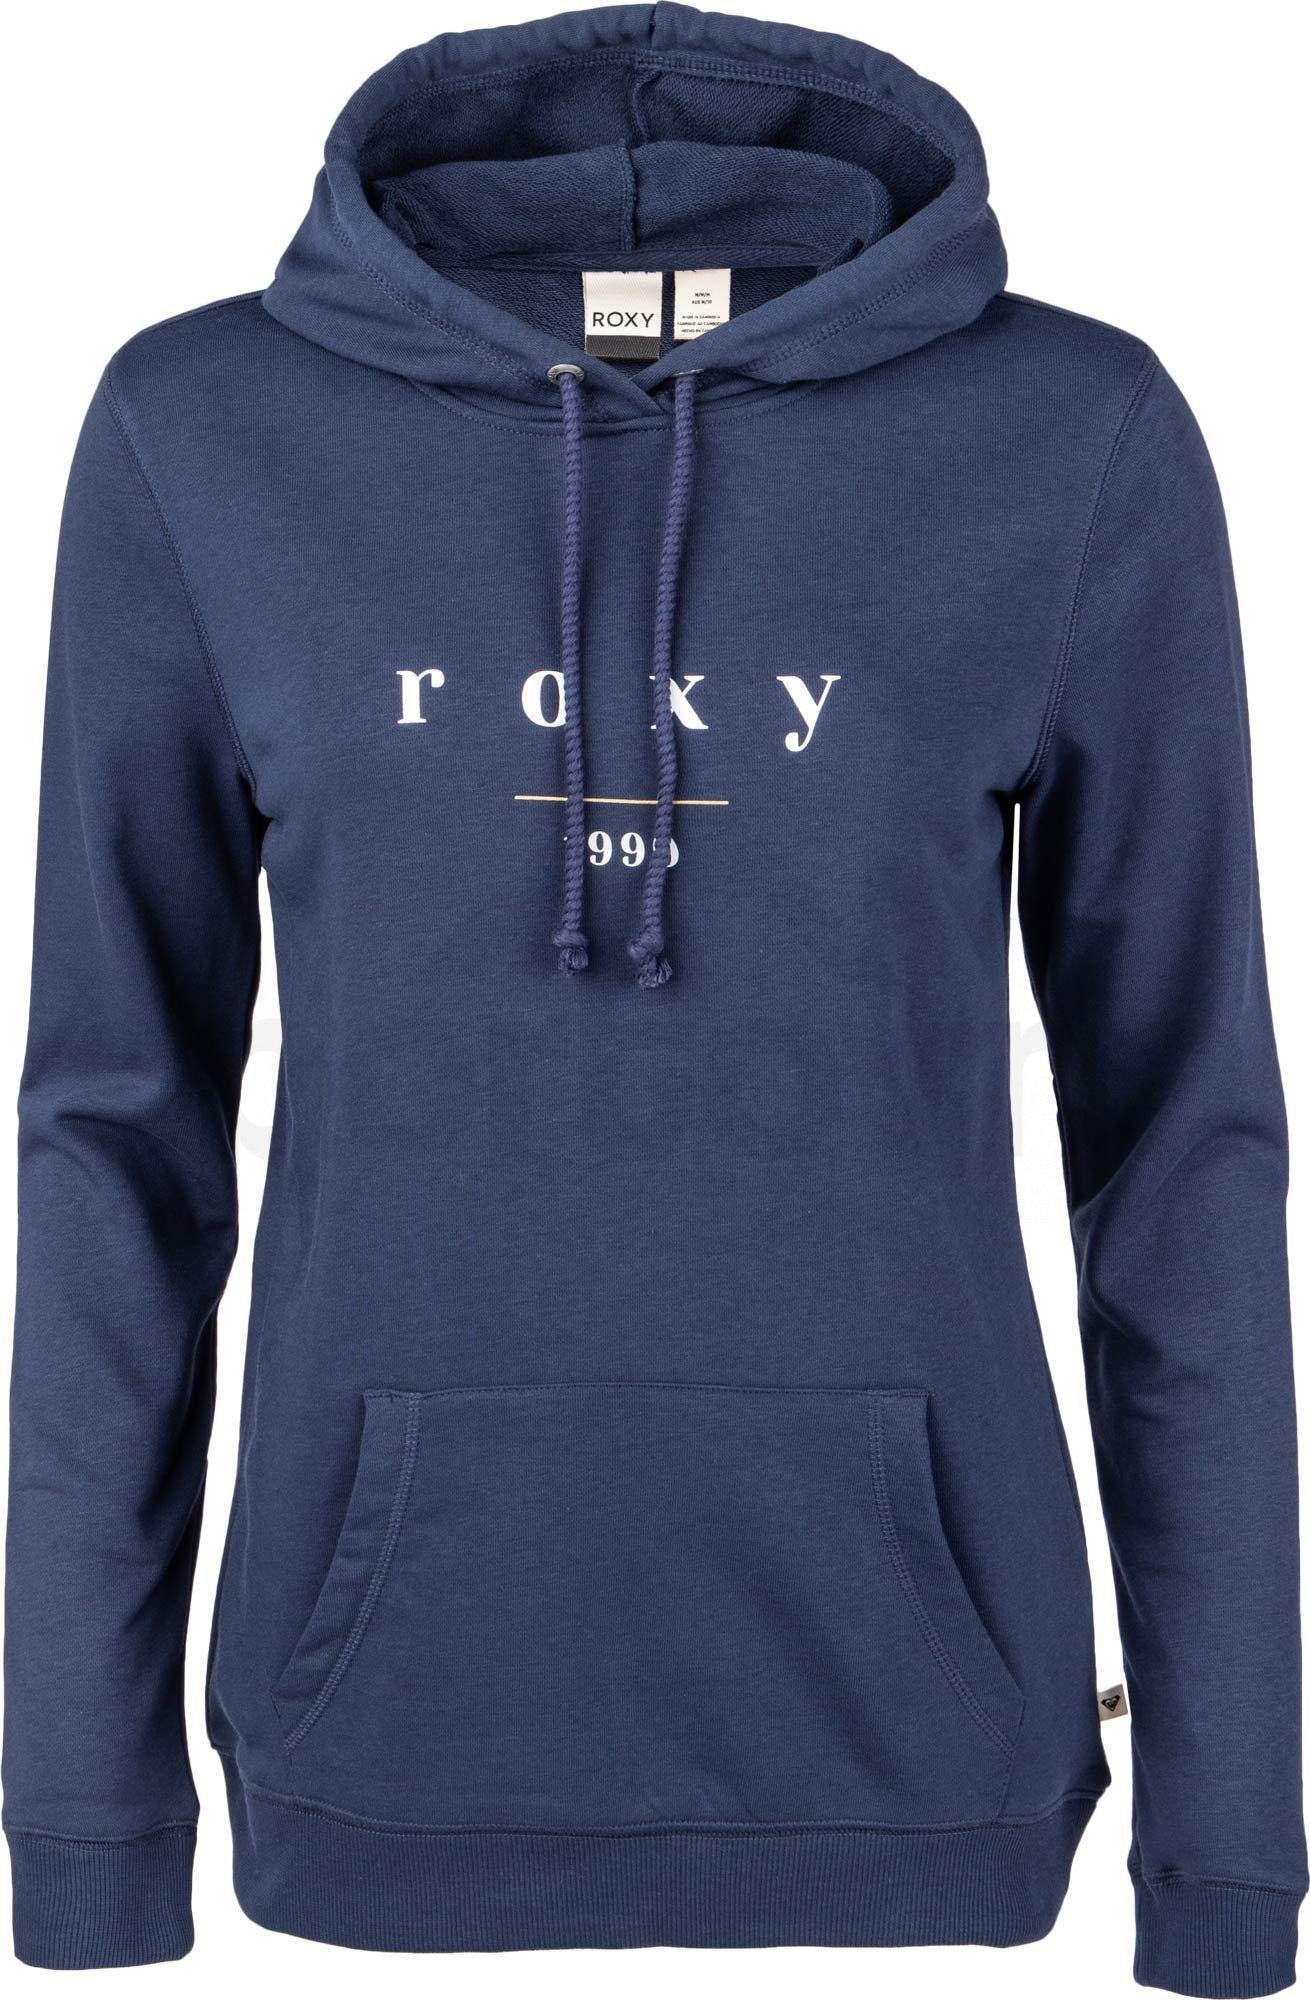 roxy-day-breaks-hoodie-terry-a-blu_0